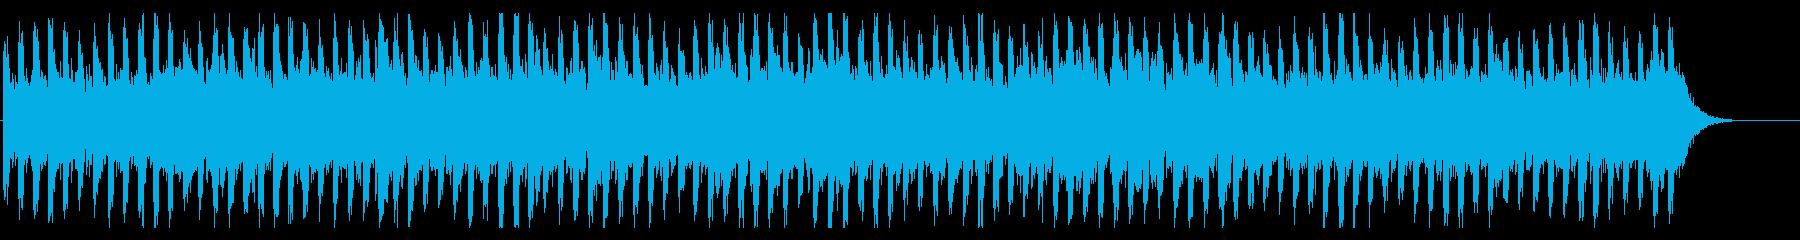 謎を解いているときに流れるBGMの再生済みの波形